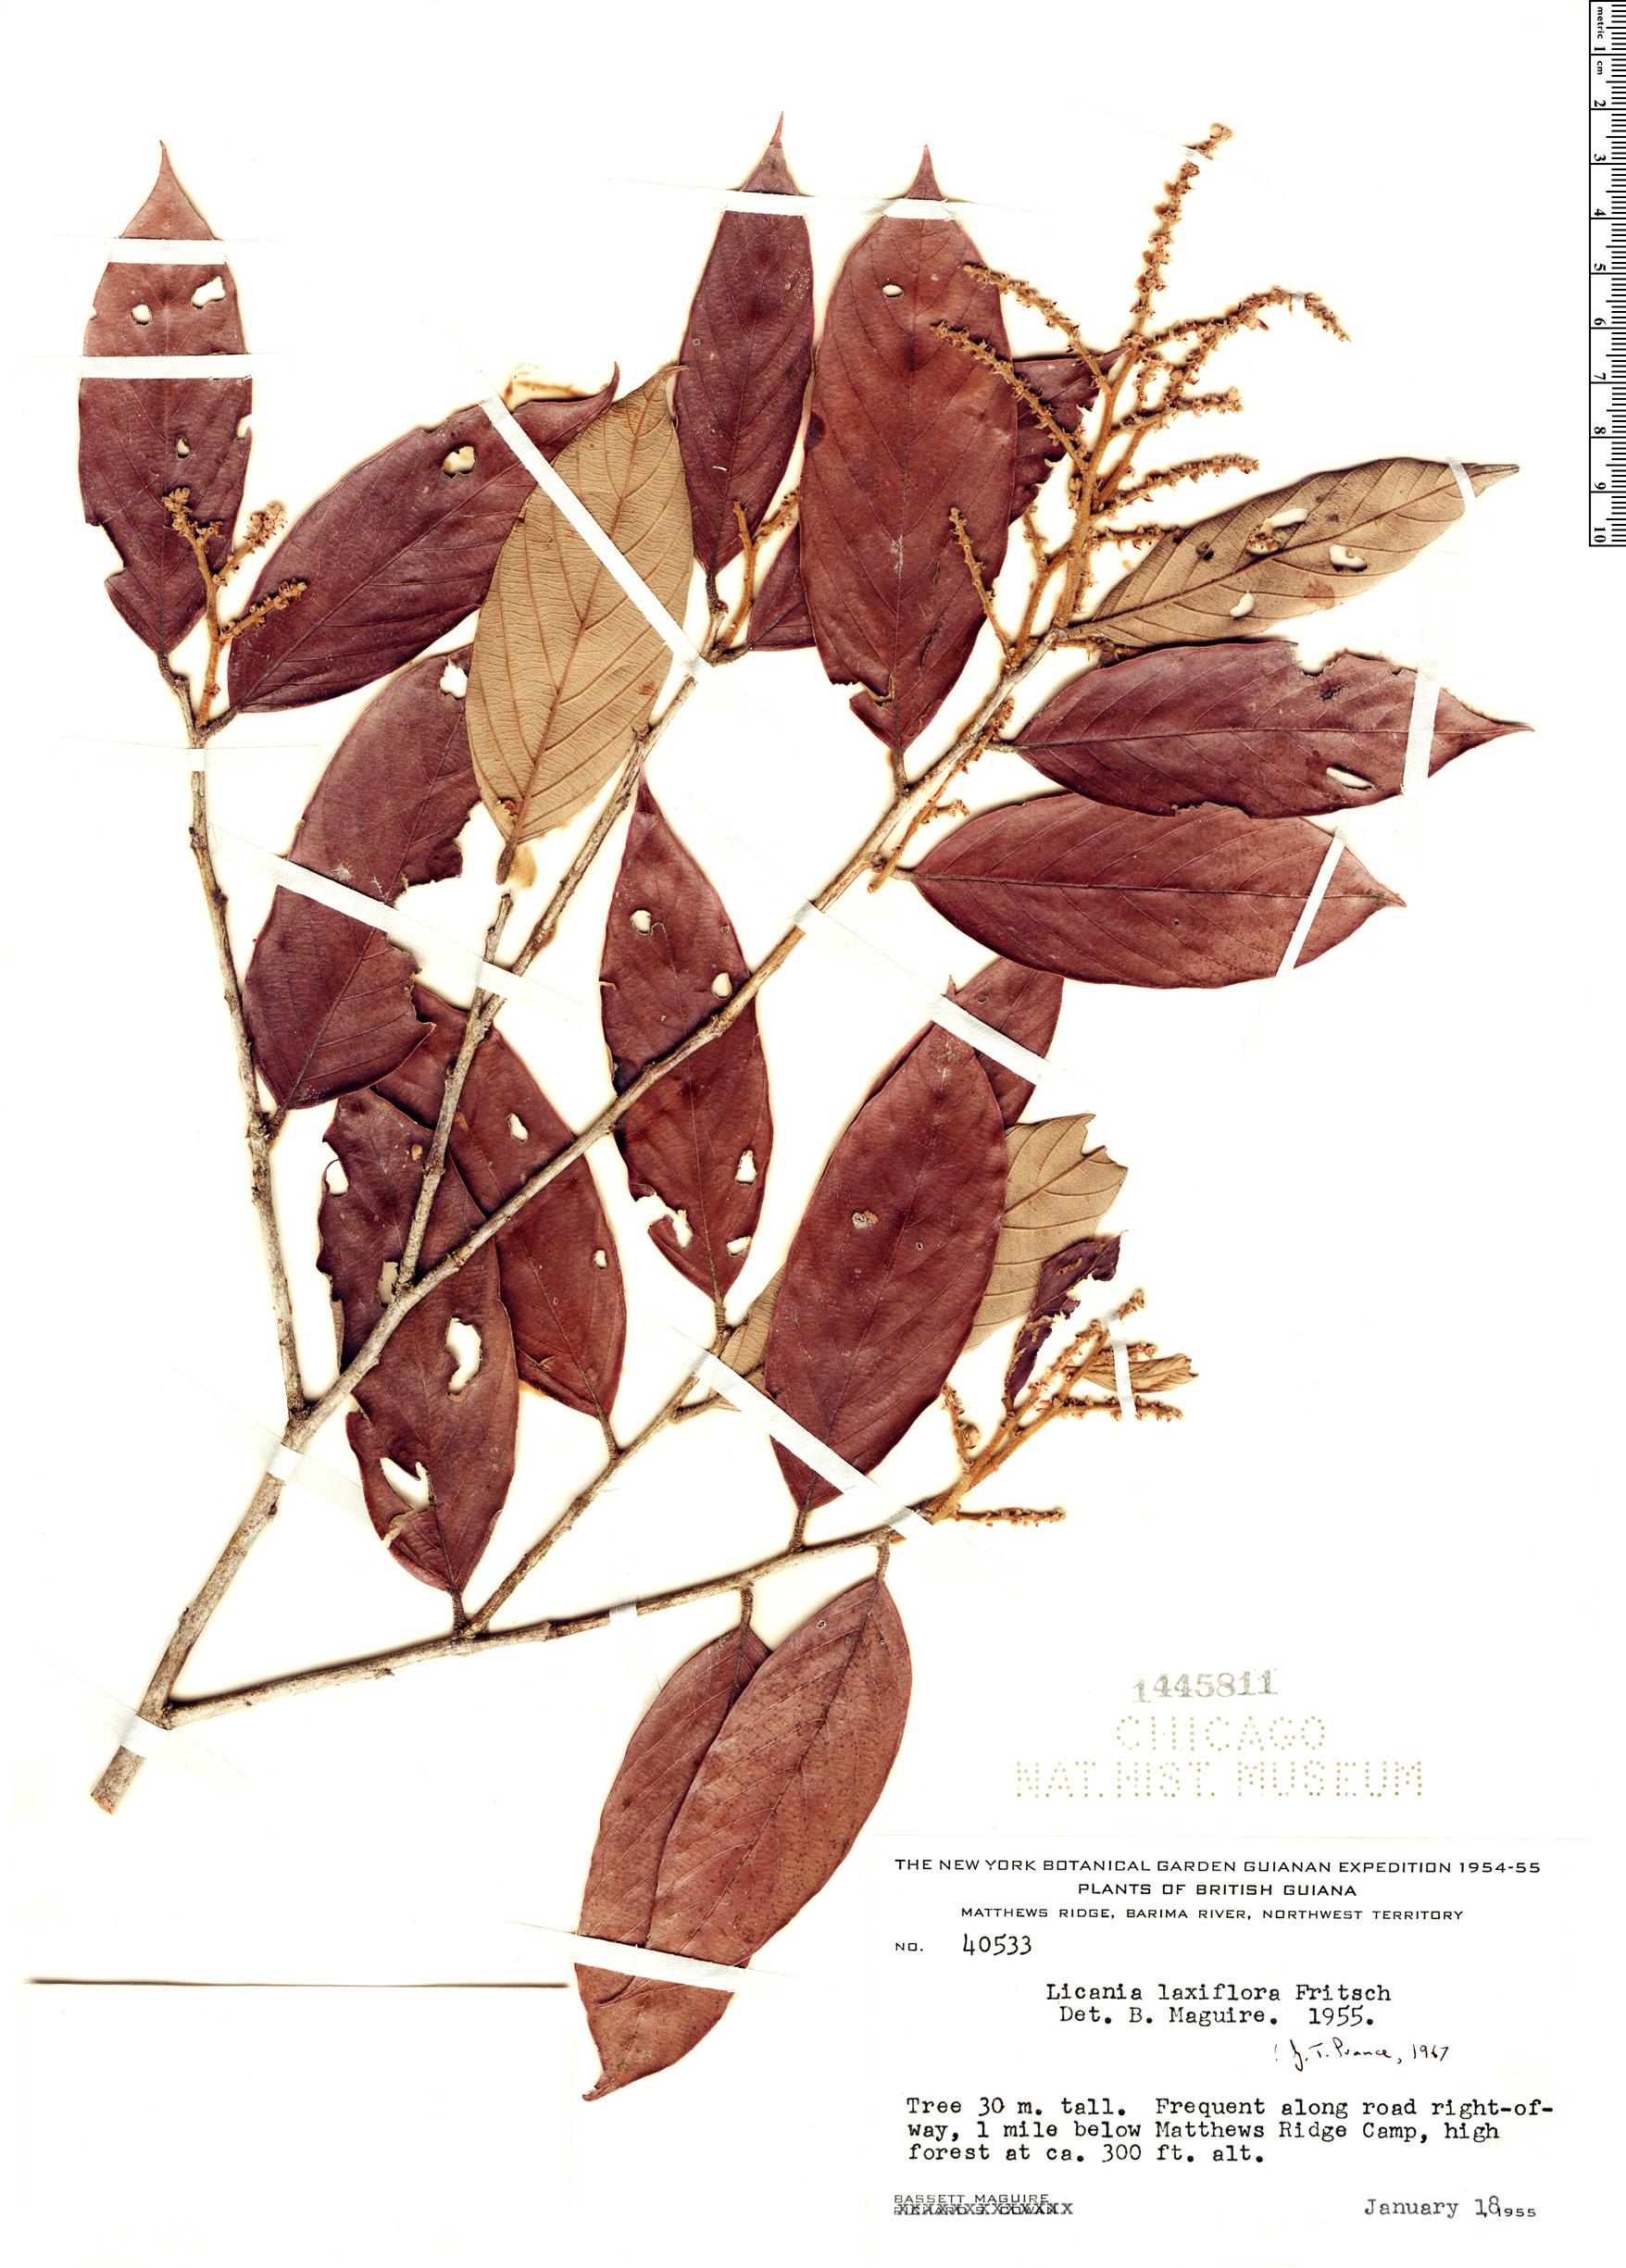 Specimen: Licania laxiflora